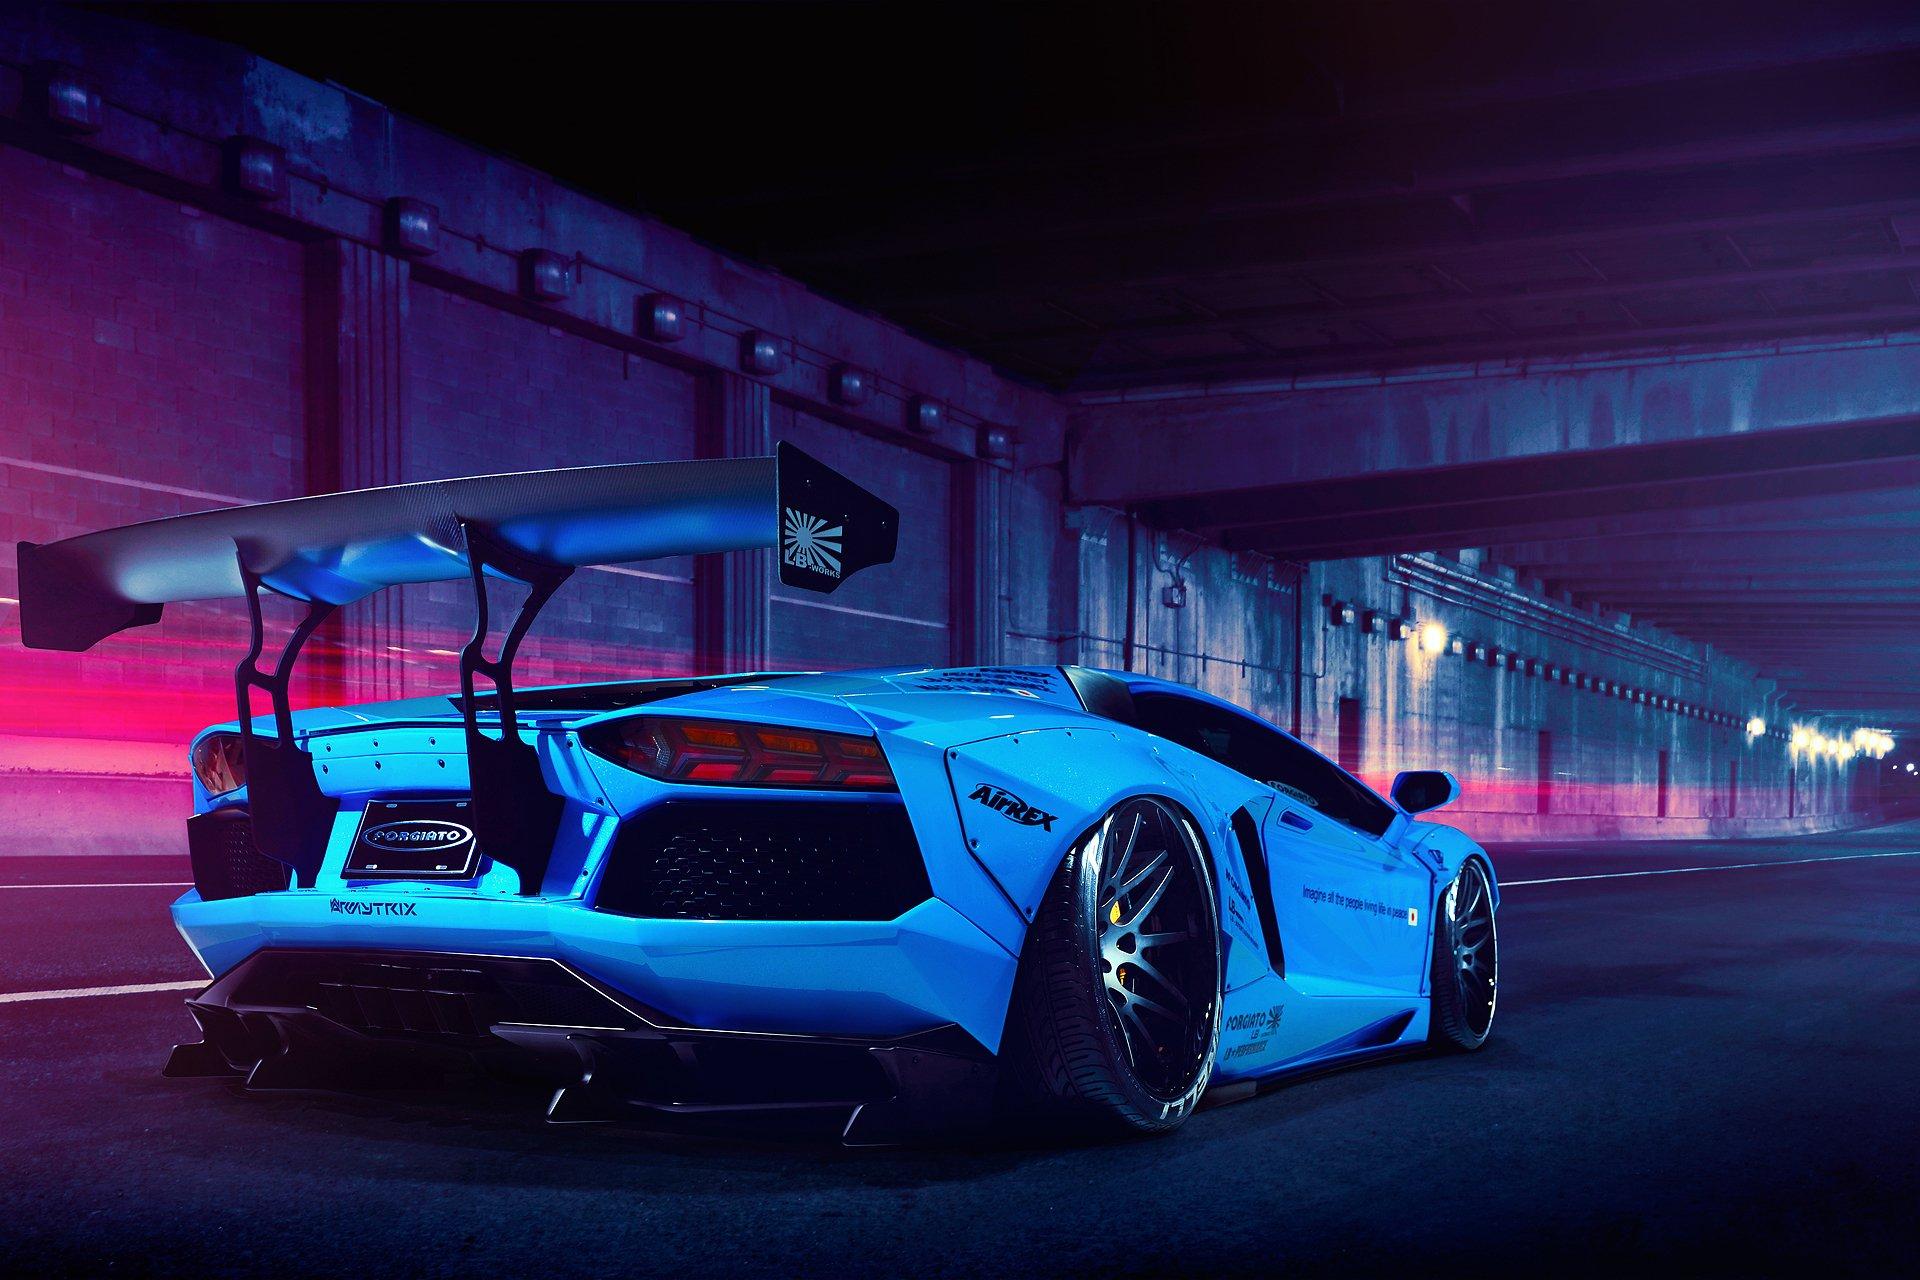 Lamborghini Aventador Lp700 4 Liberty Walk Blue Wallpaper 1920x1280 523578 Wallpaperup